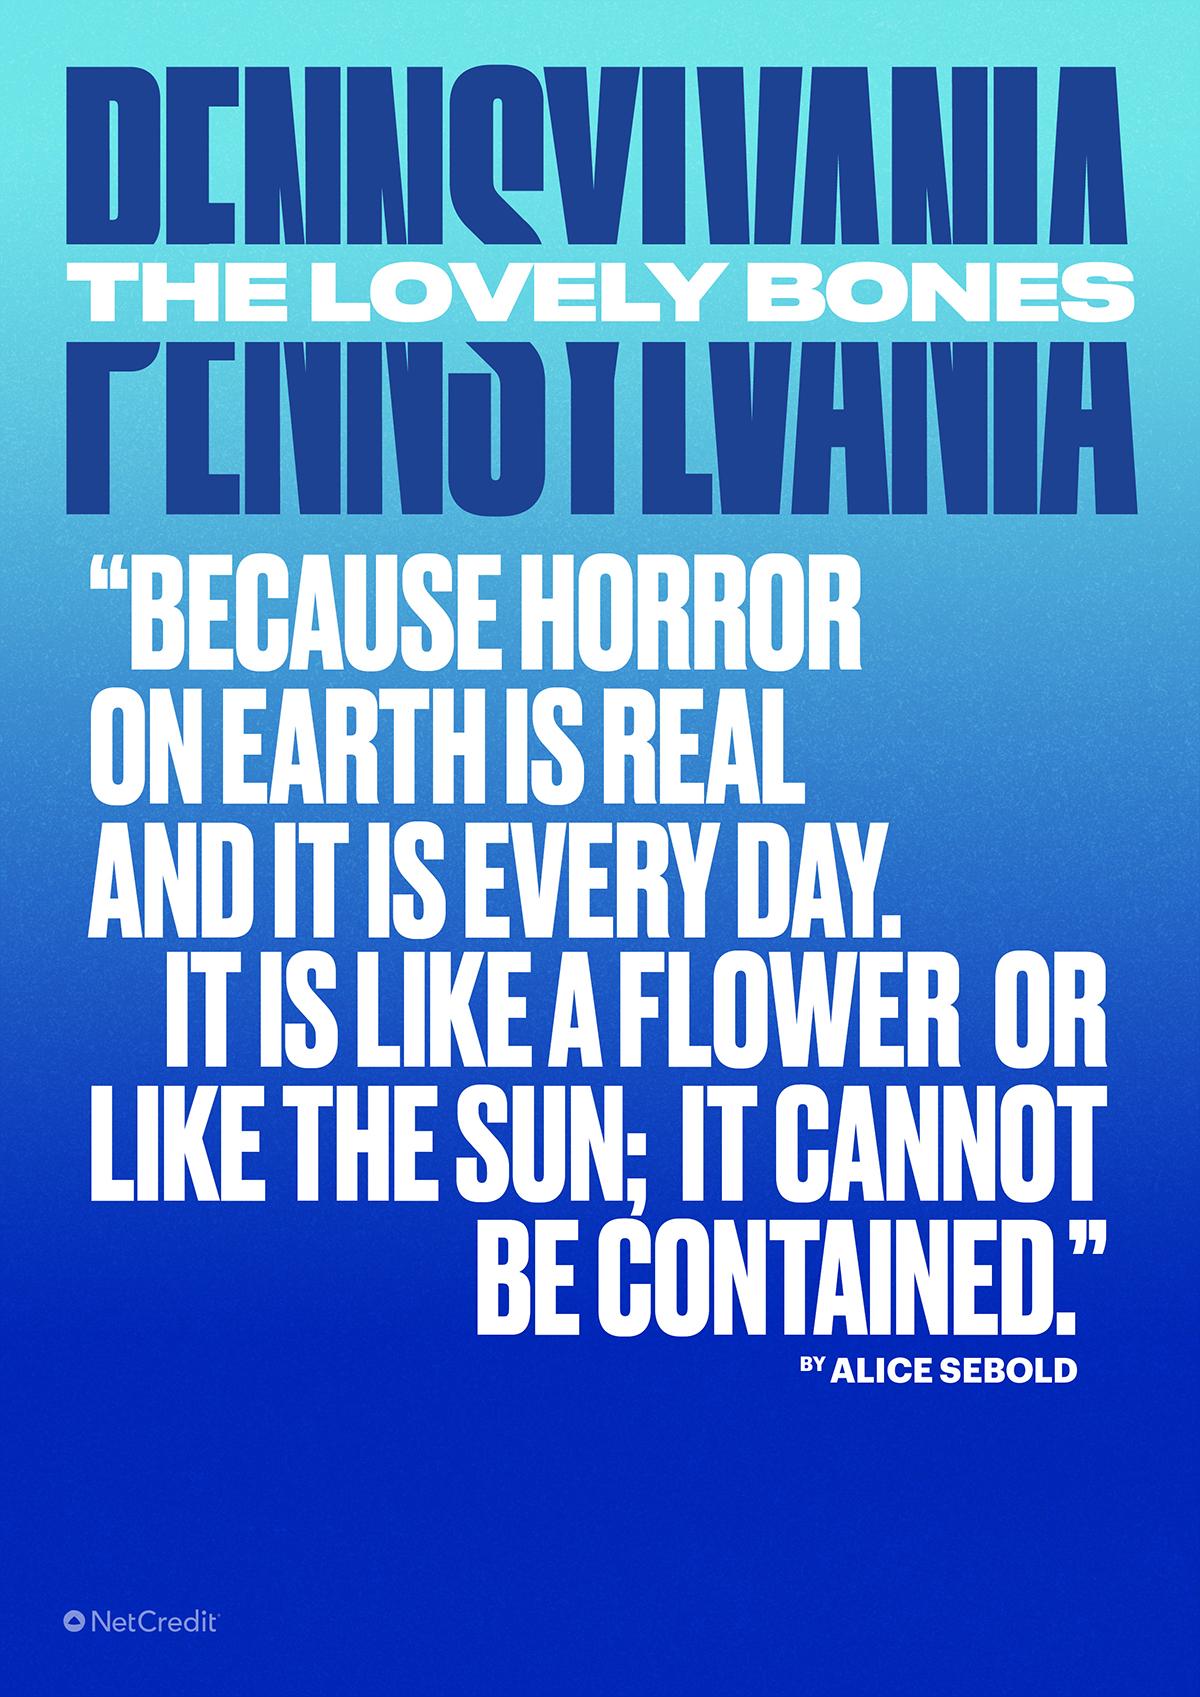 The Lovely Bones Pennsylvania